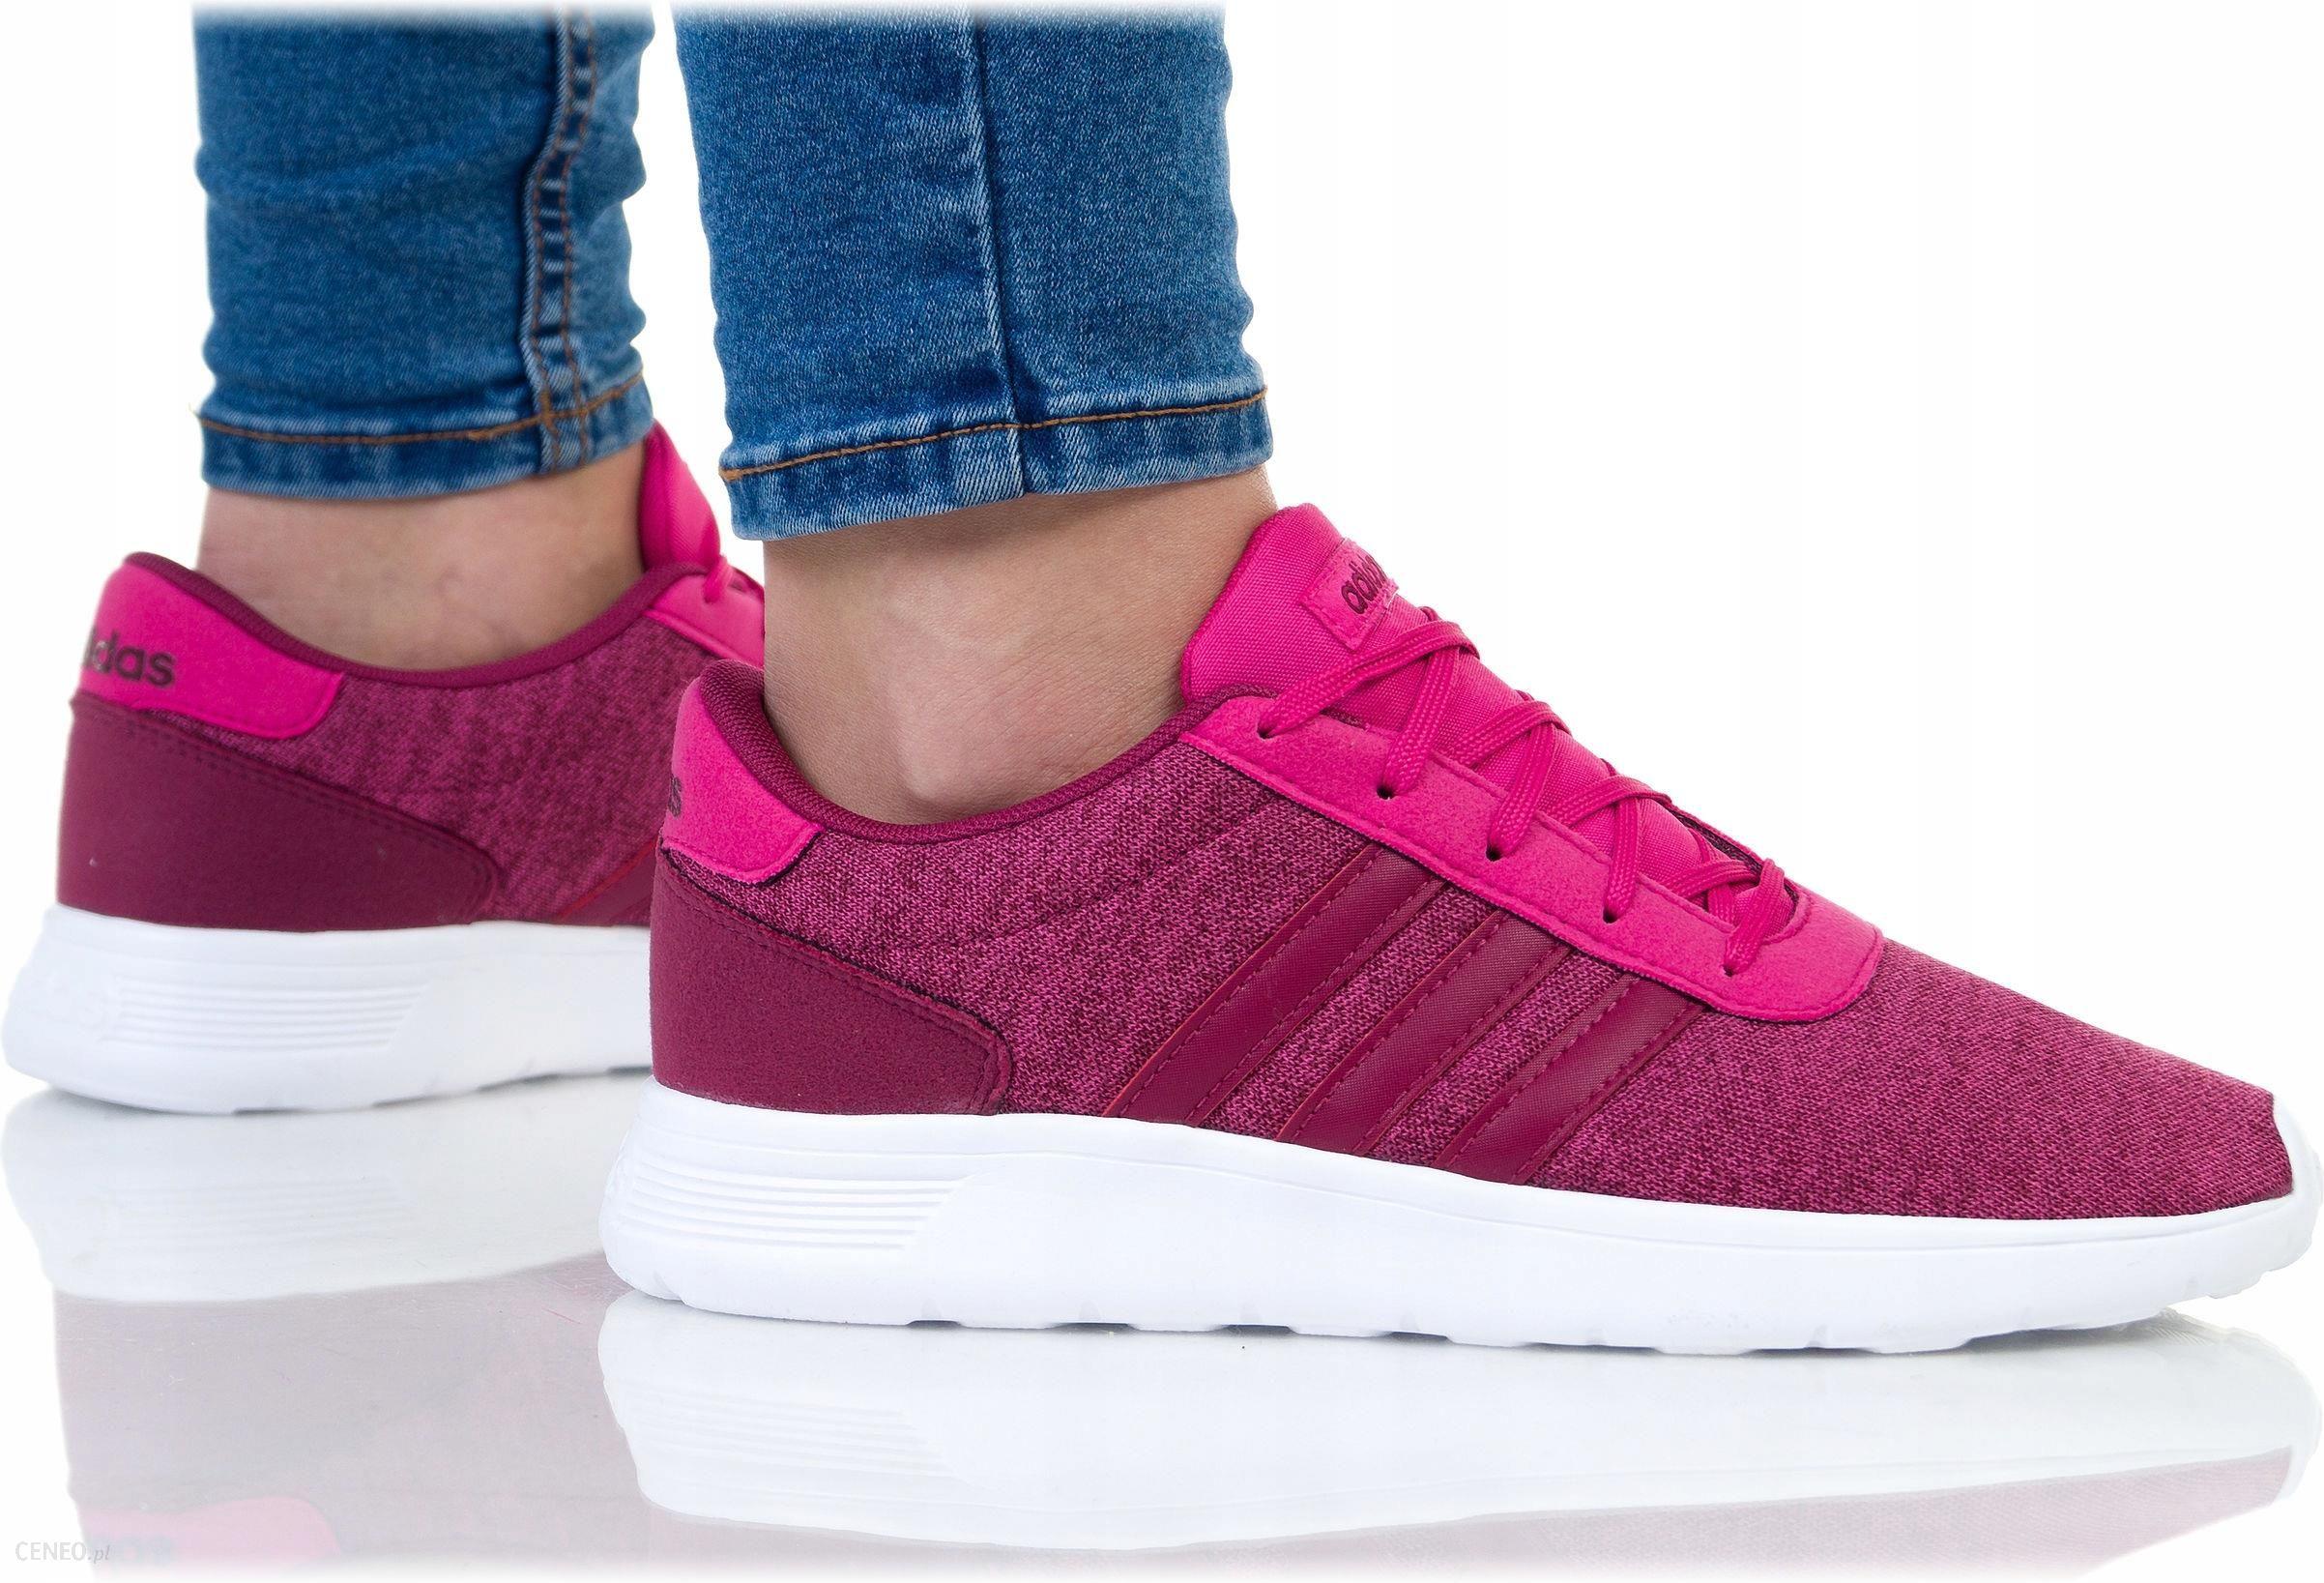 Buty Adidas Damskie Lite Racer K B75701 Różowe Ceny i opinie Ceneo.pl